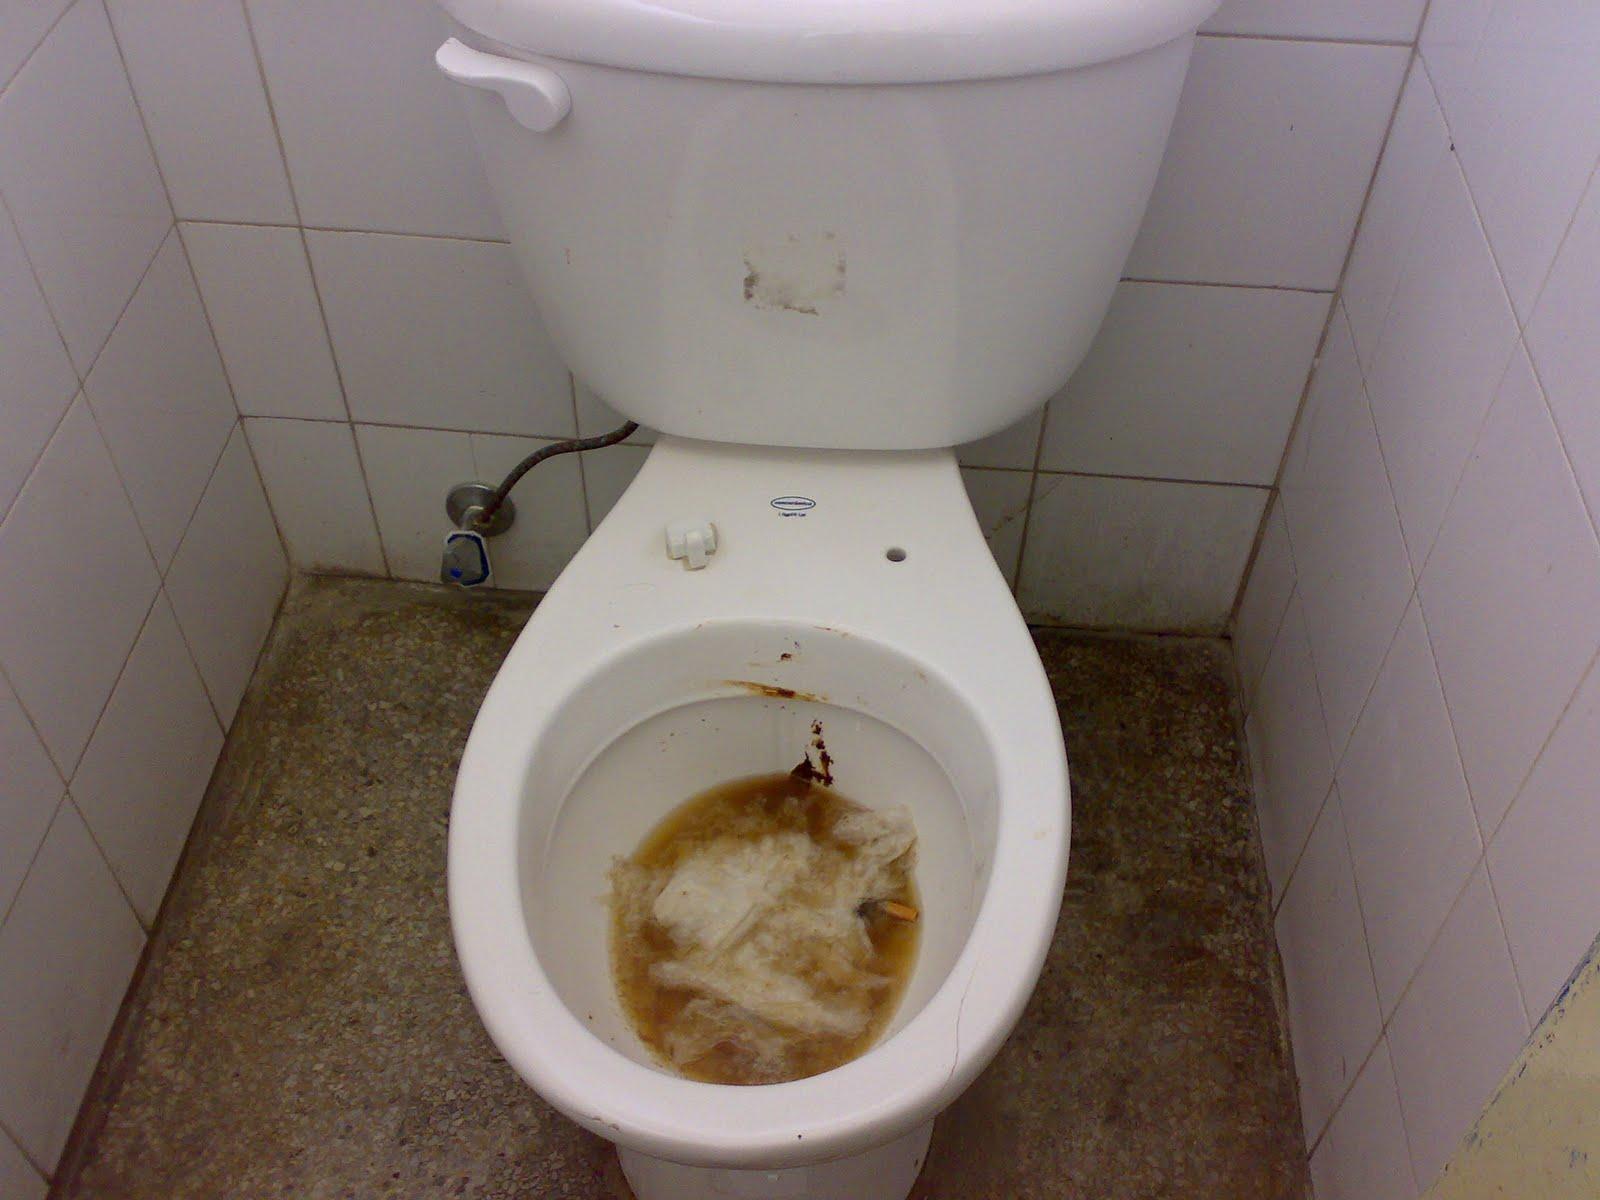 Imagenes De Un Baño Sucio:JunquitoSite: noviembre 2009